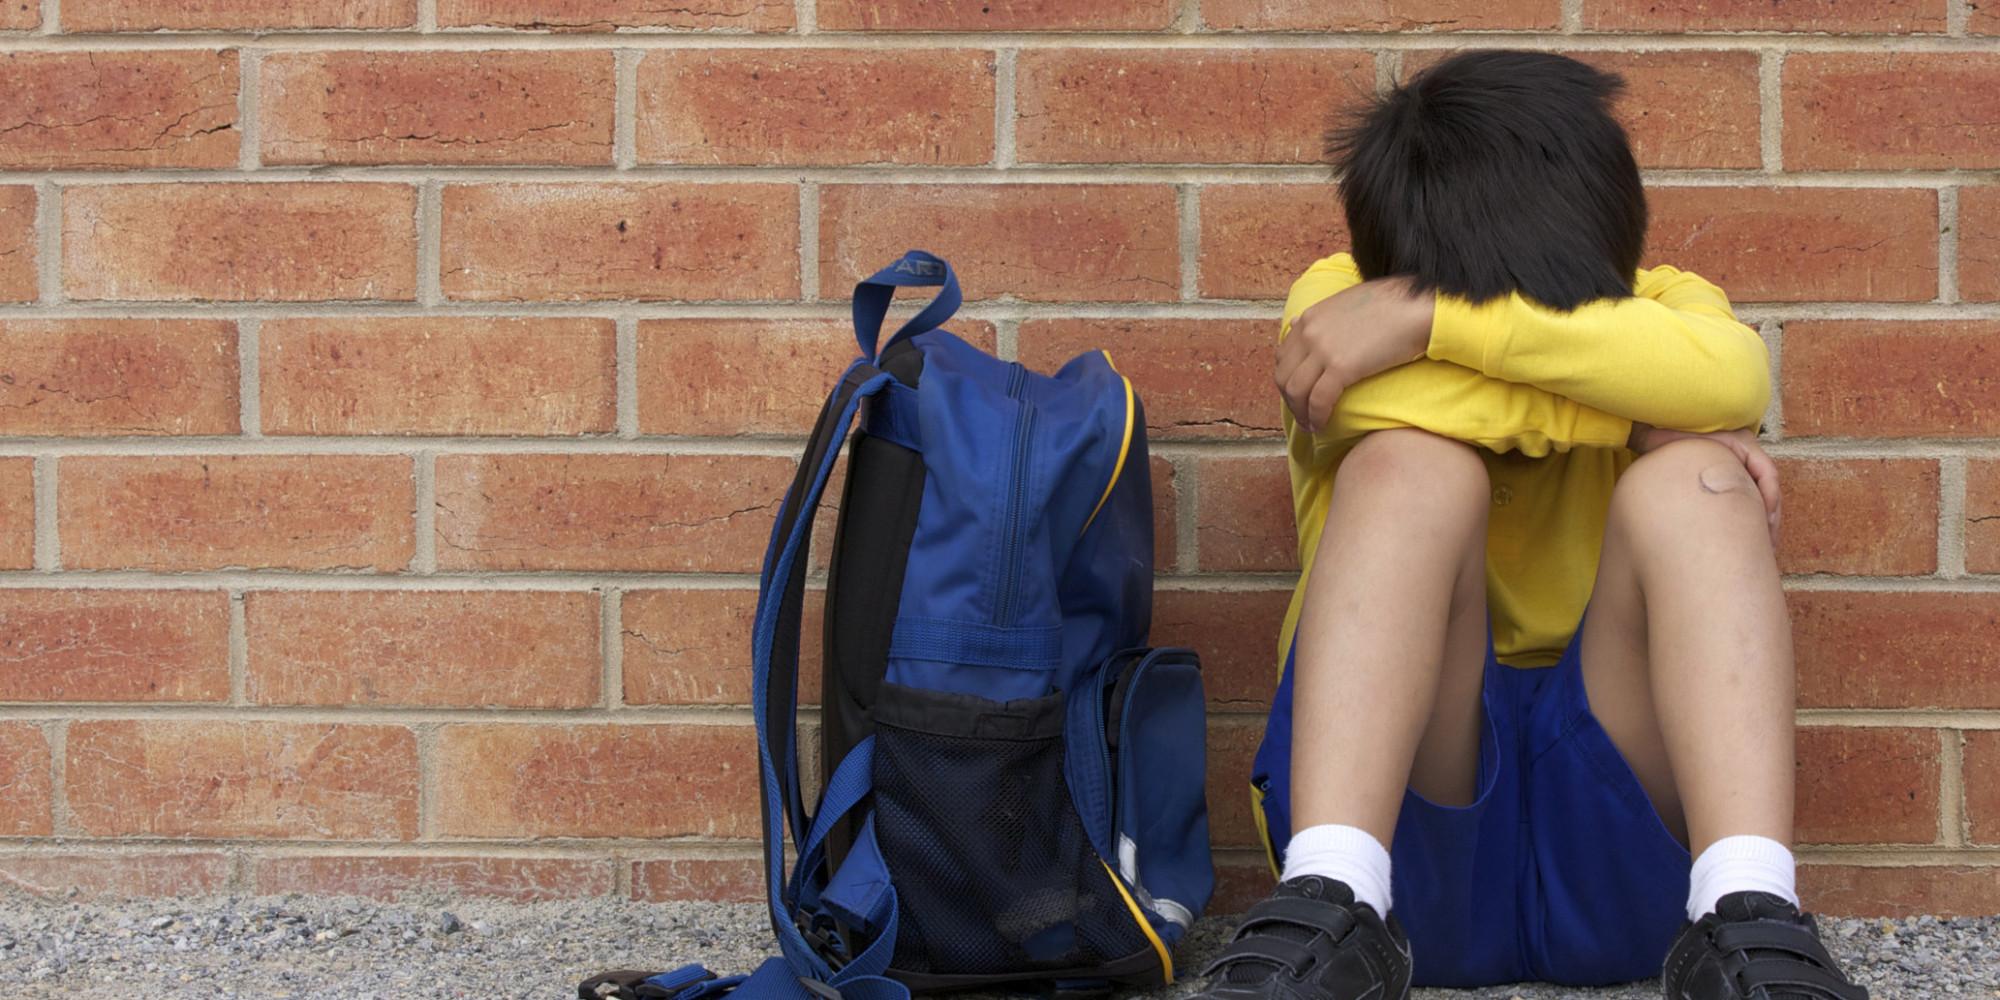 Padres interponen querella por abusos sexuales en jardín infantil de Valparaíso